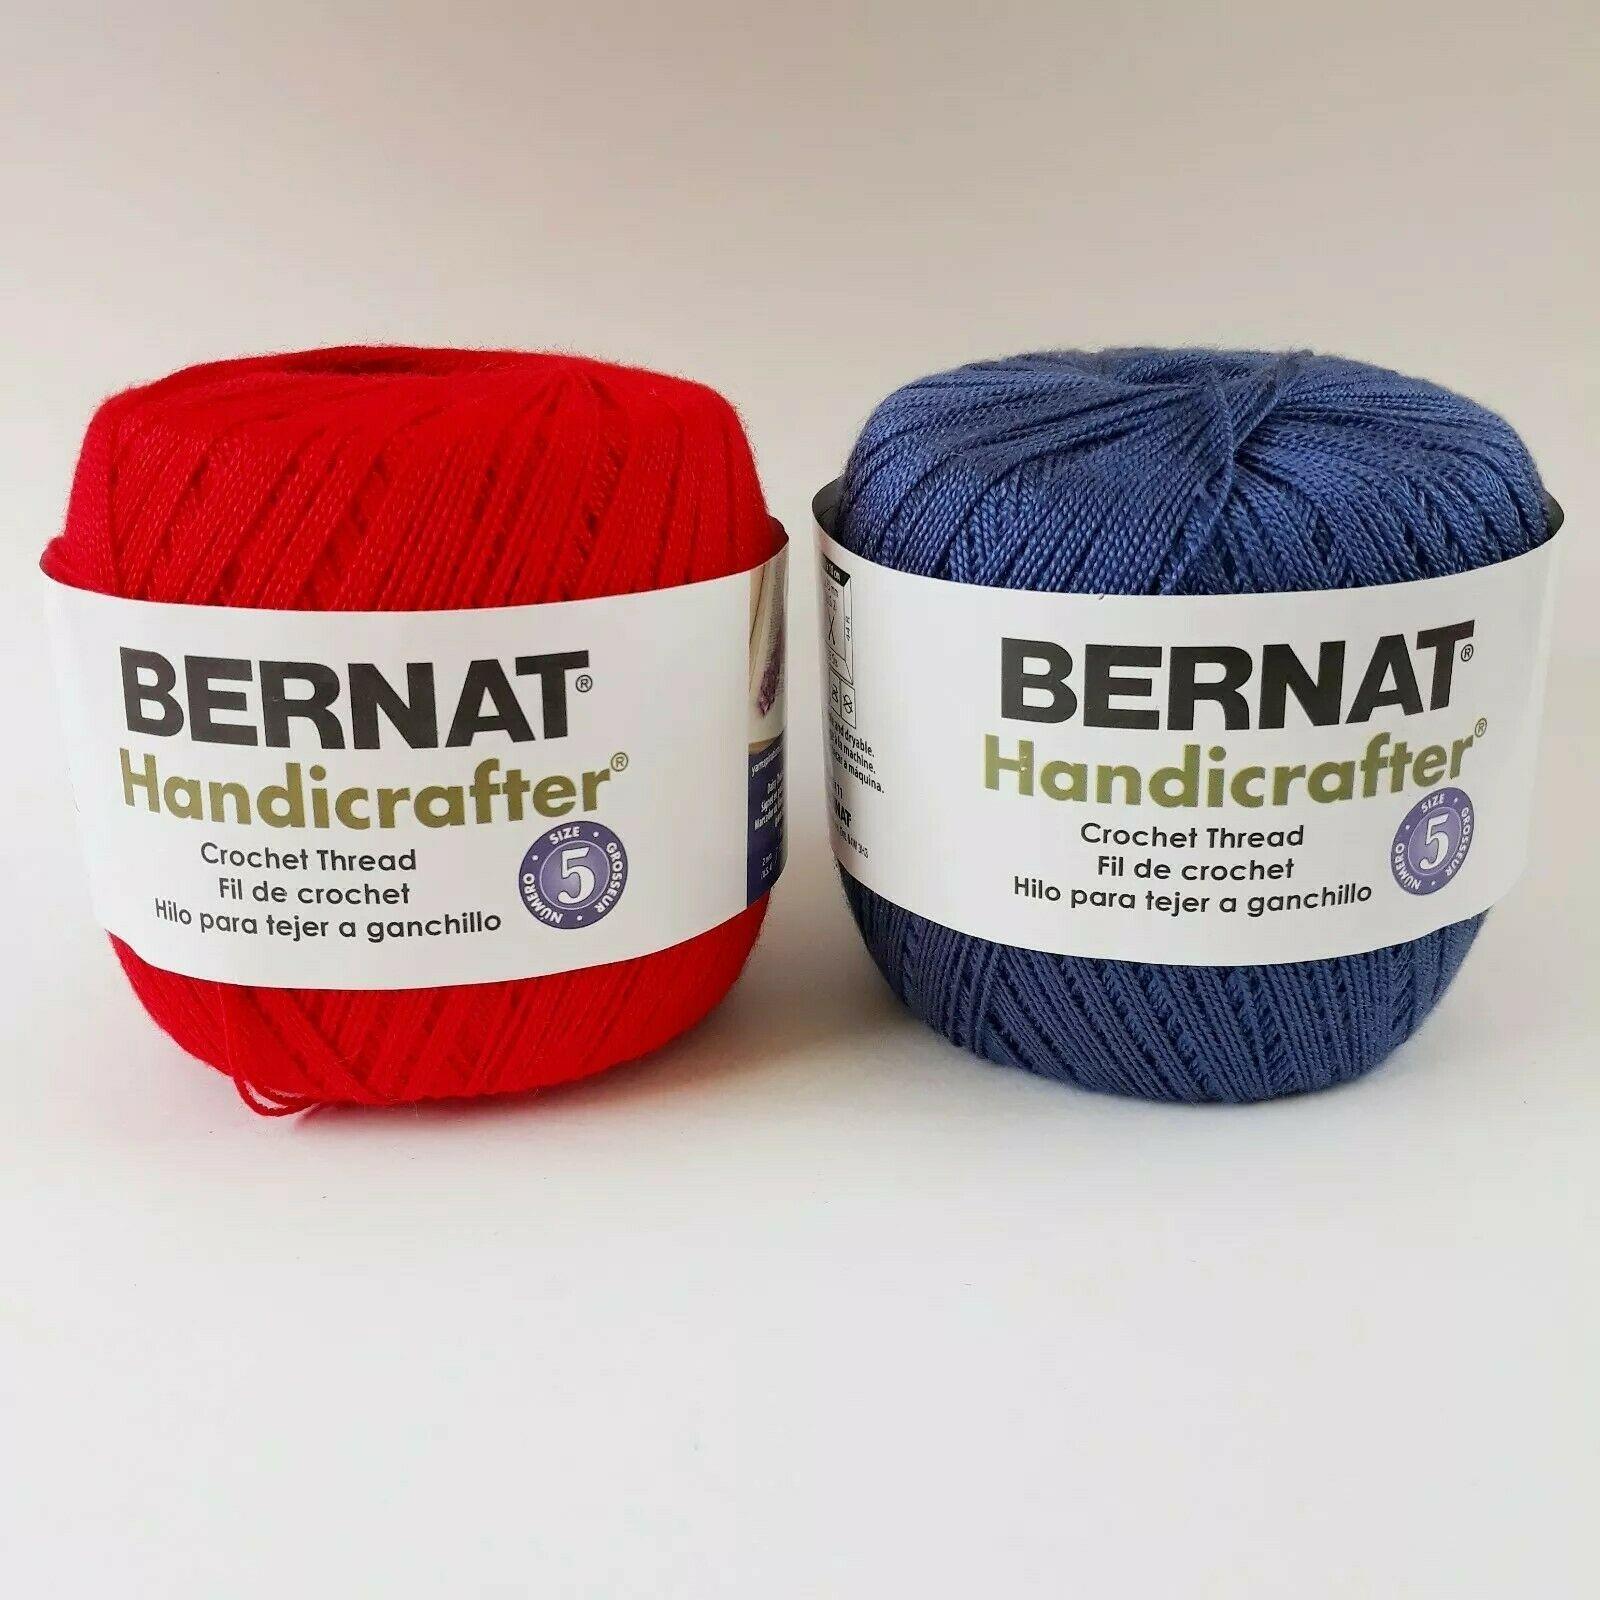 Bernat Handicrafter Crochet Thread Perfect Red & Indigo Blue 371 yds ea Size 5 - $14.99